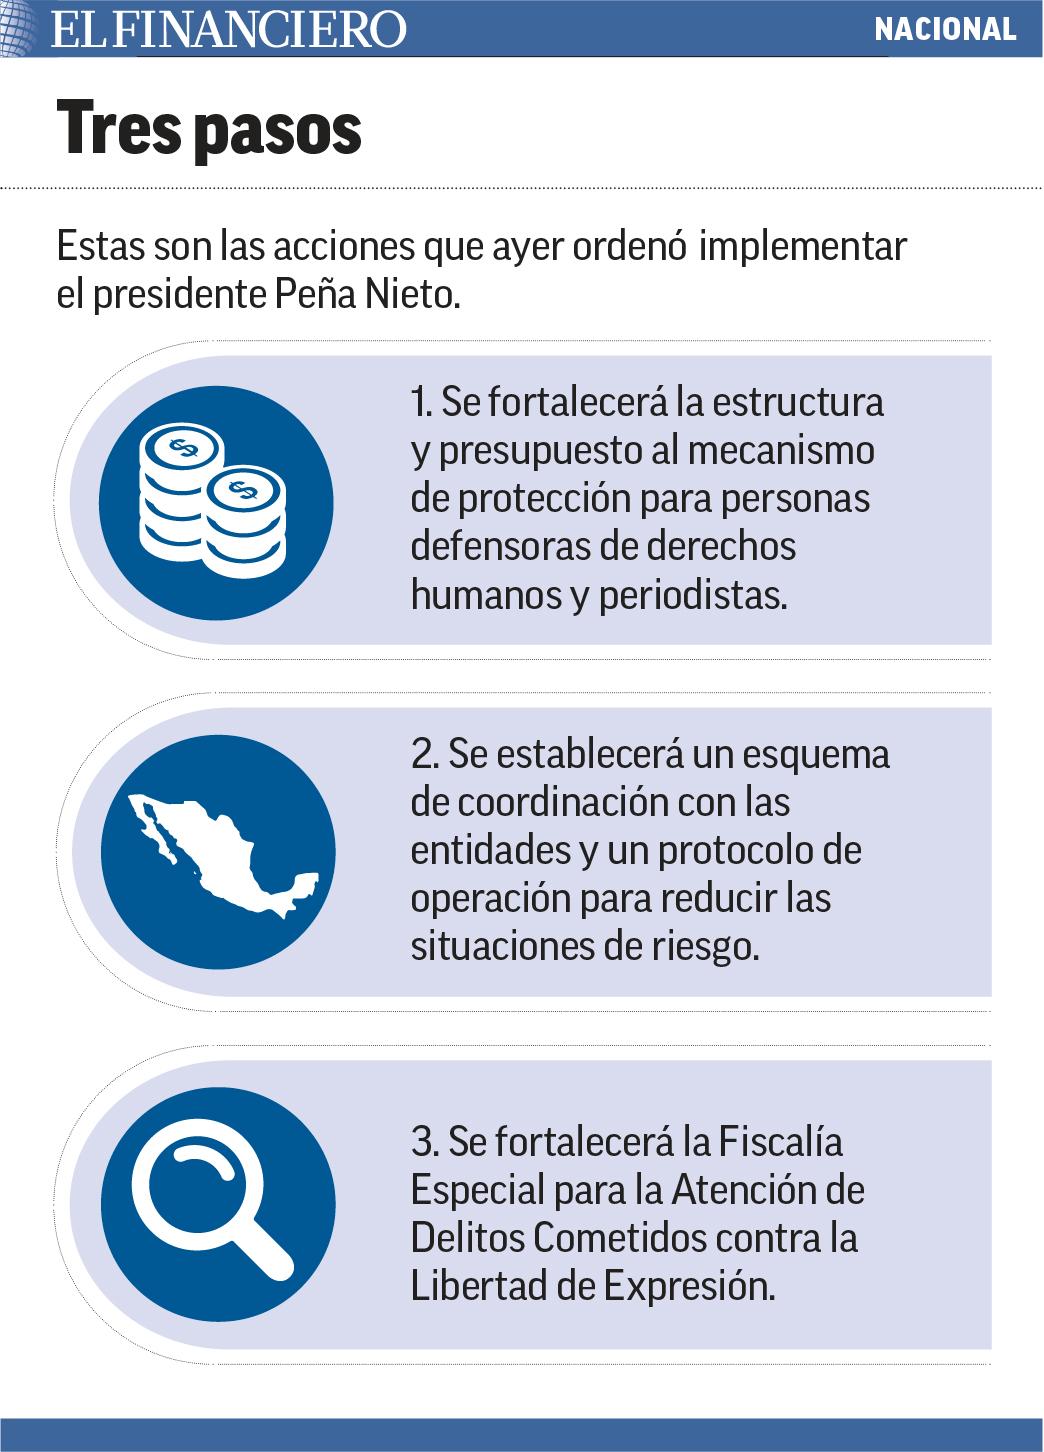 acciones_de_pena_periodistas17may.jpg